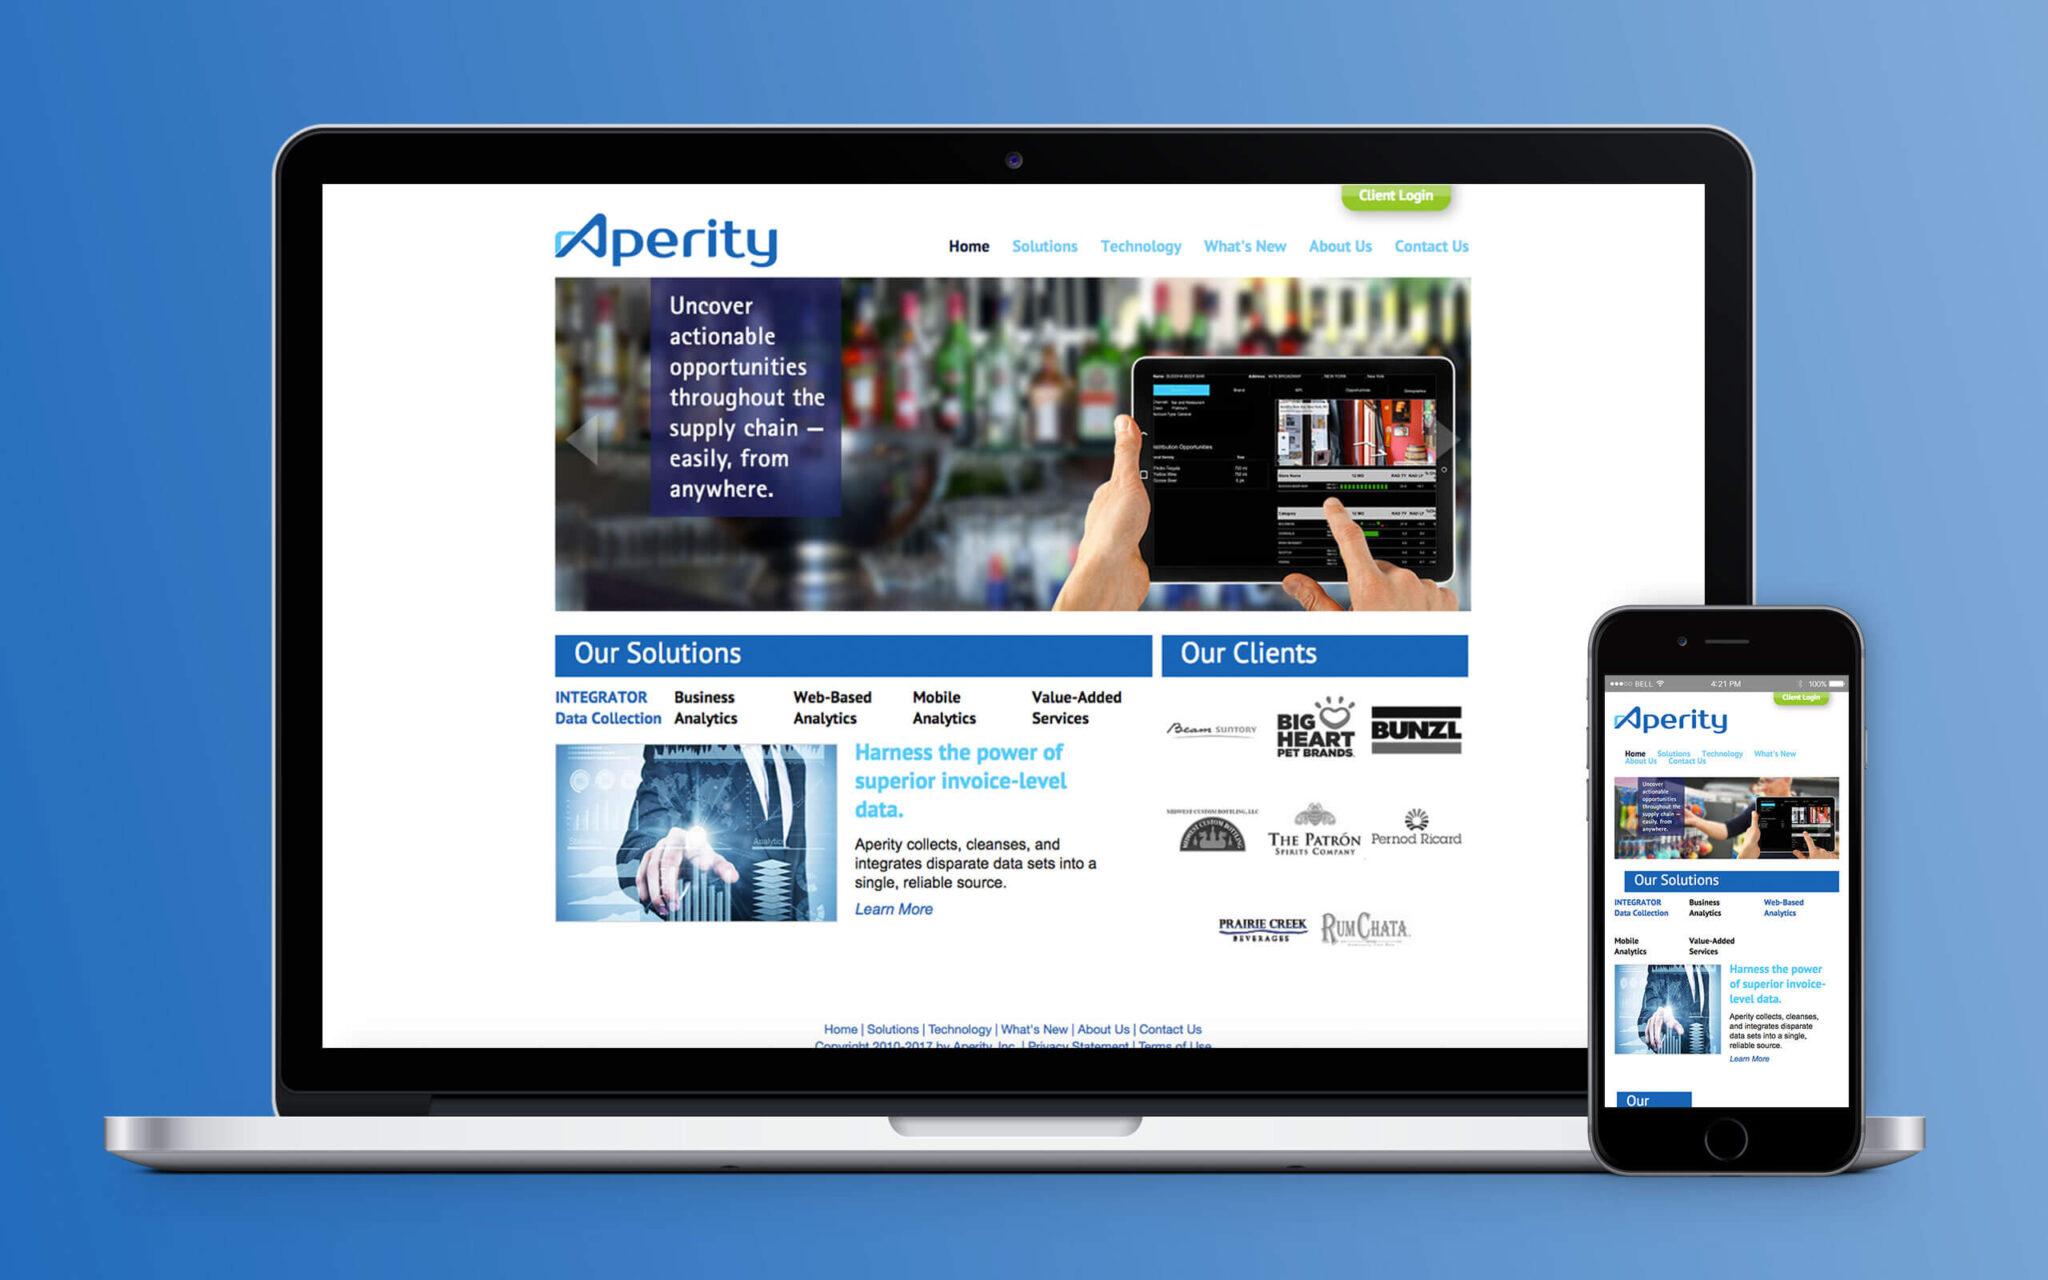 Aperity Website Home